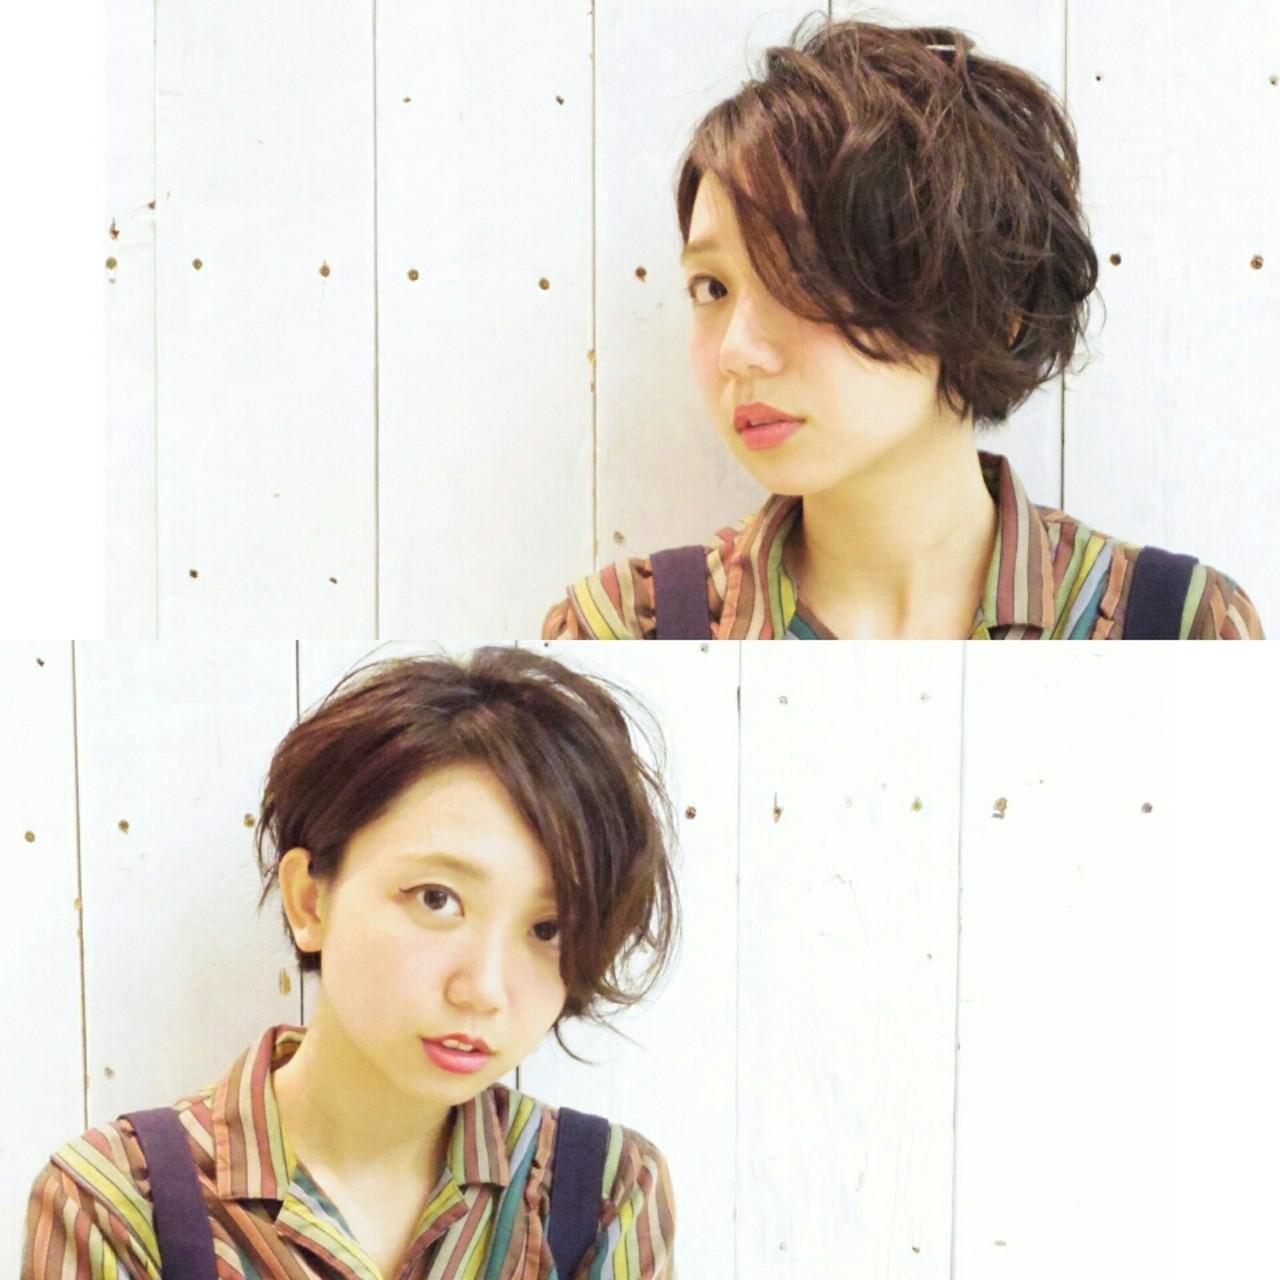 冬 パーマ センターパート ショート ヘアスタイルや髪型の写真・画像 | KUMA / hair make PUR